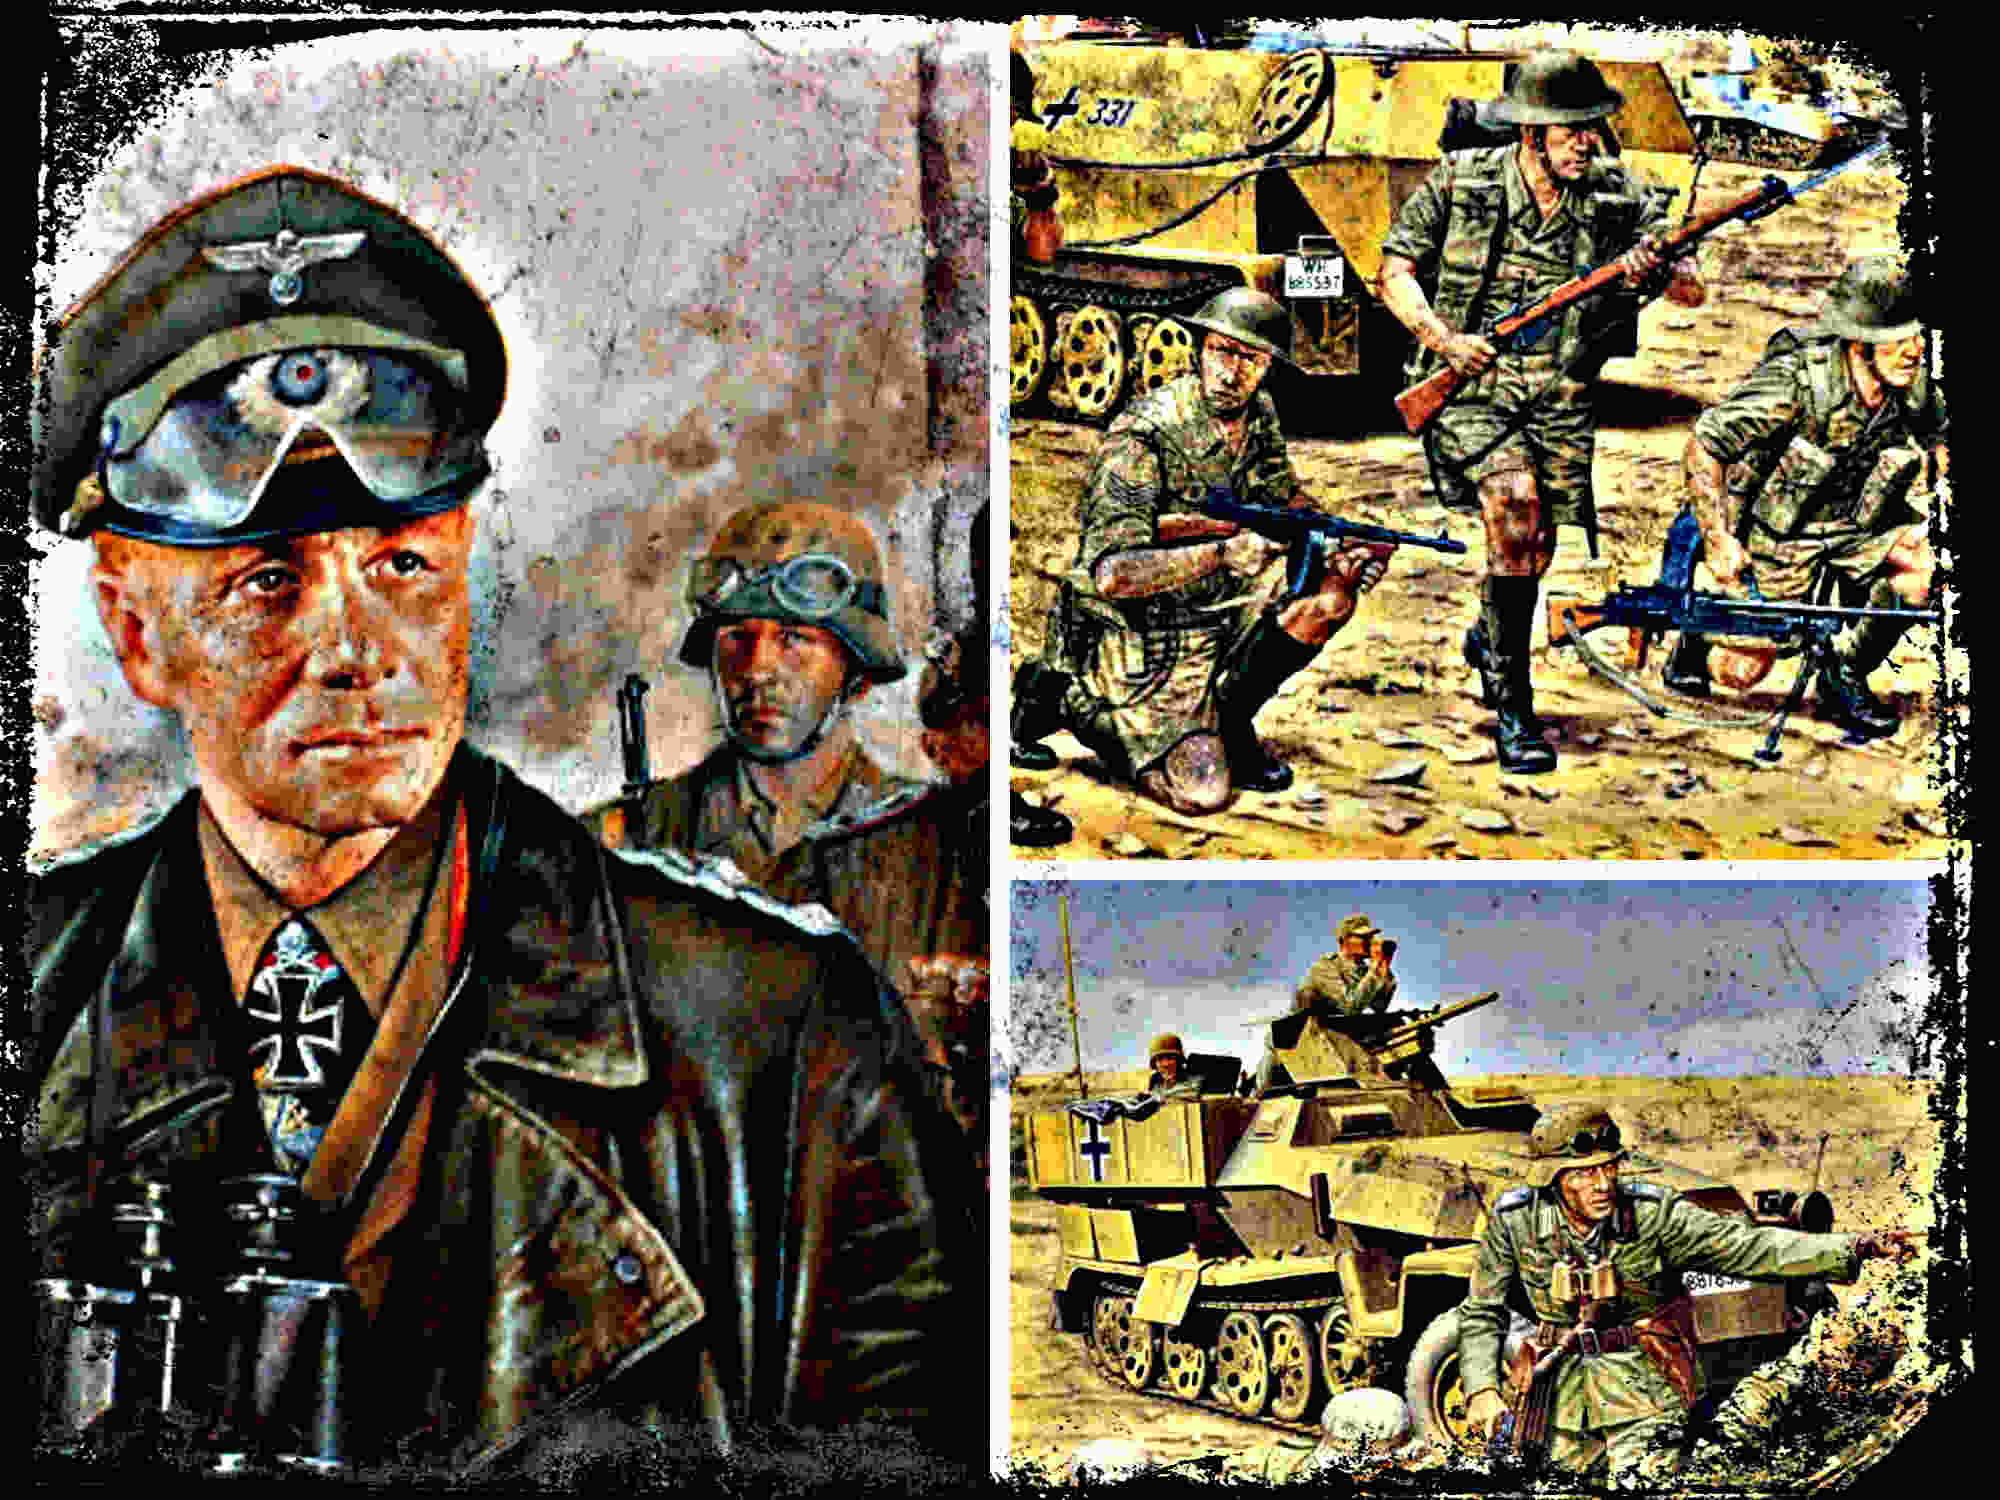 La guerra en el desierto, Afrika Korps y el VIII Ejercito Británico